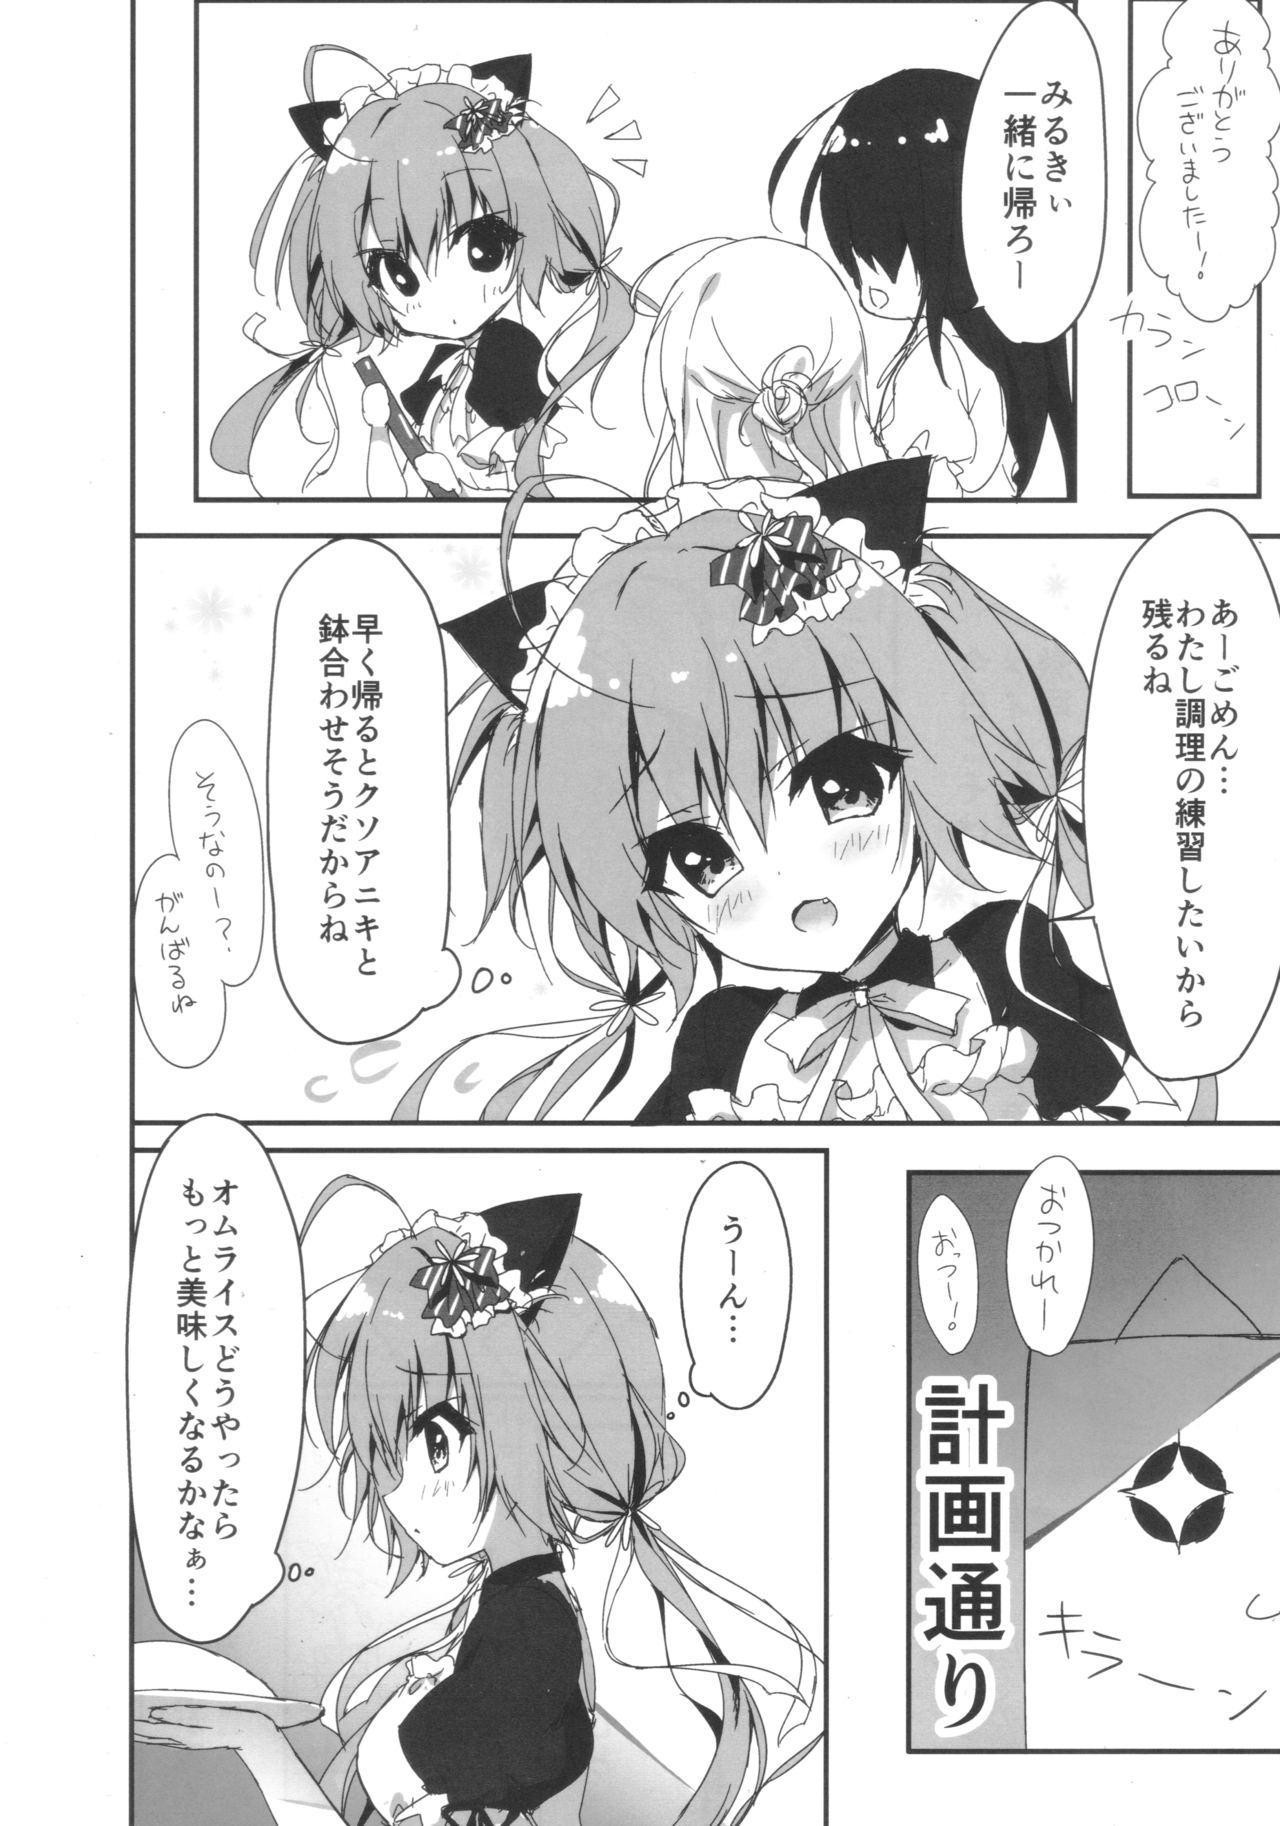 (COMIC1☆11) [Citron no mori (Yuzuna Hiyo)] Danbooru (Ani) wa Imouto Maid ni Koi o Suru! 4